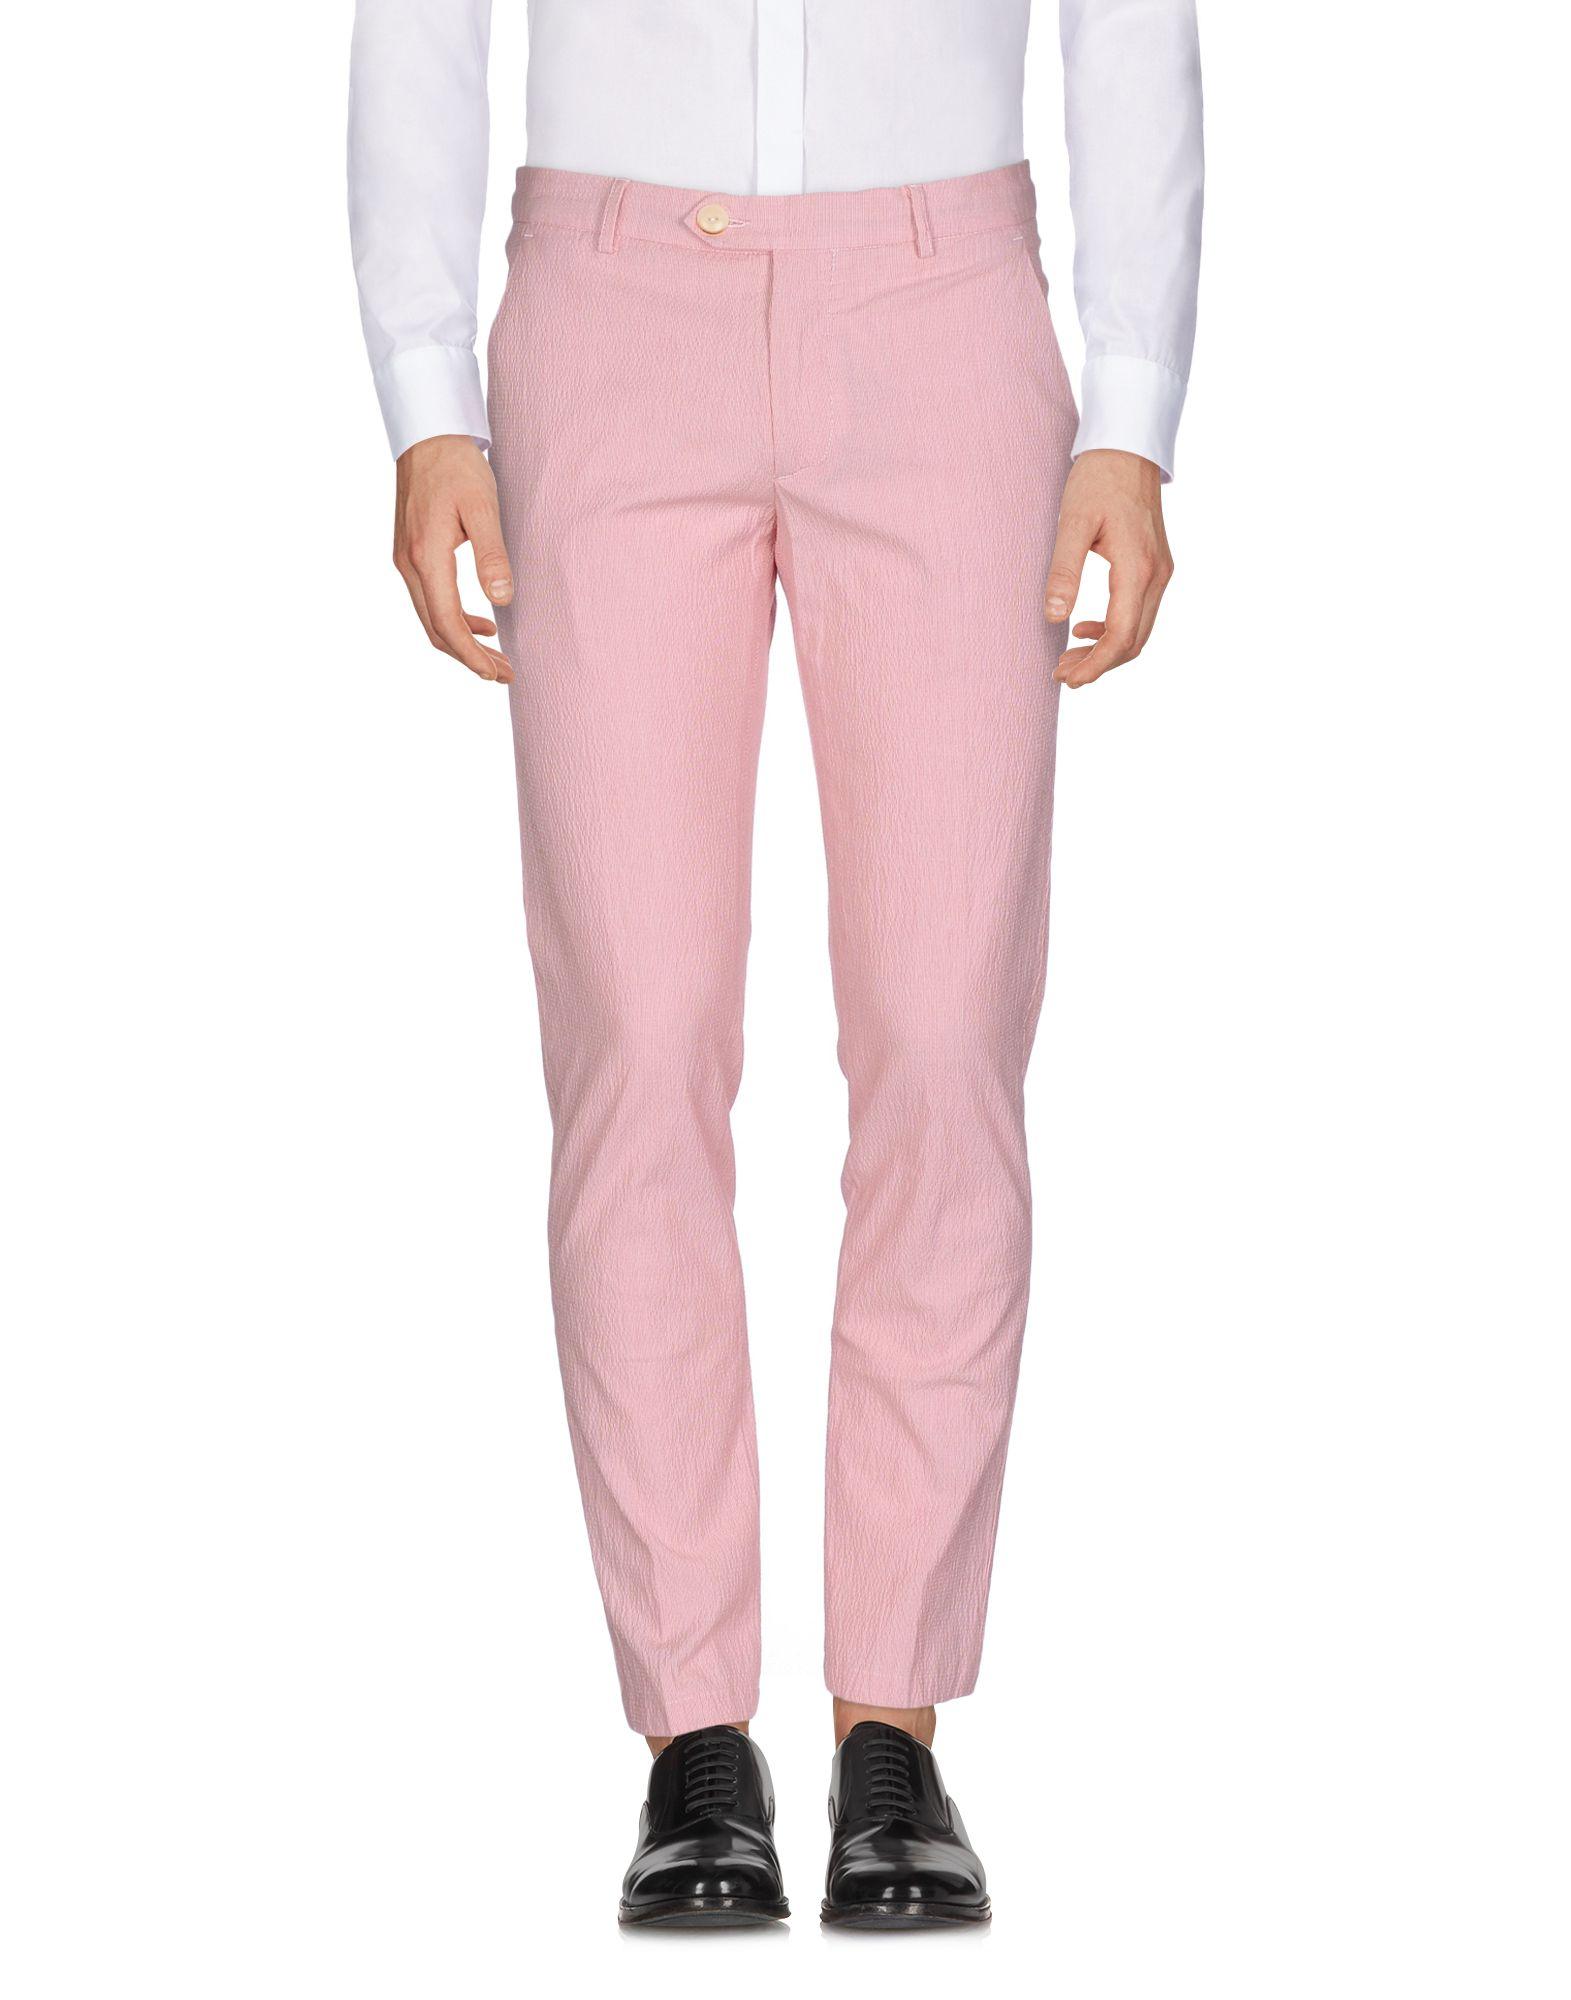 MTB MANIFATTURE TESSILI BIONDI Повседневные брюки mdp manifatture di padova повседневные брюки